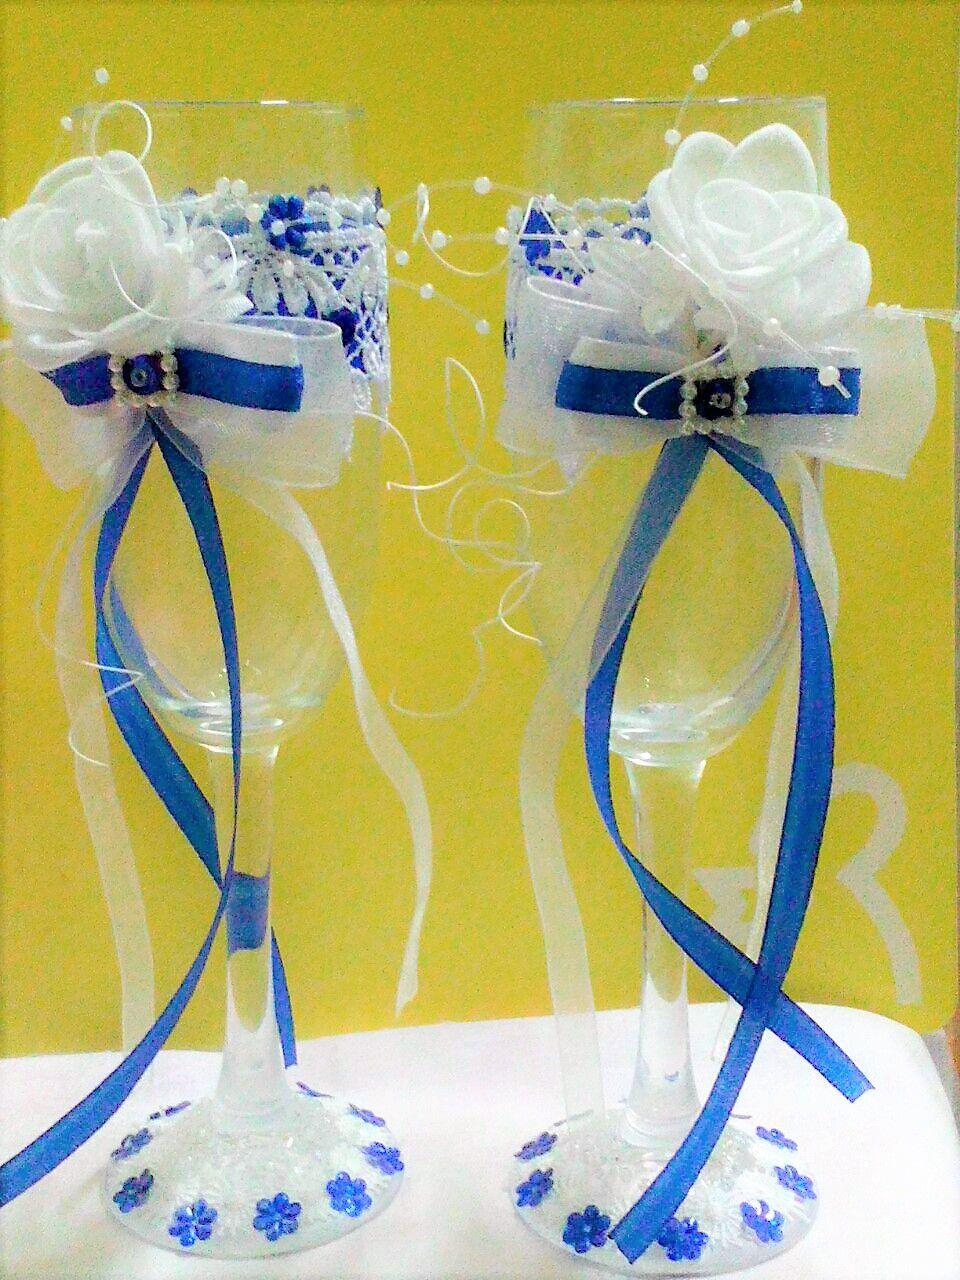 свадьба молодым бокалы эксклюзив подарок